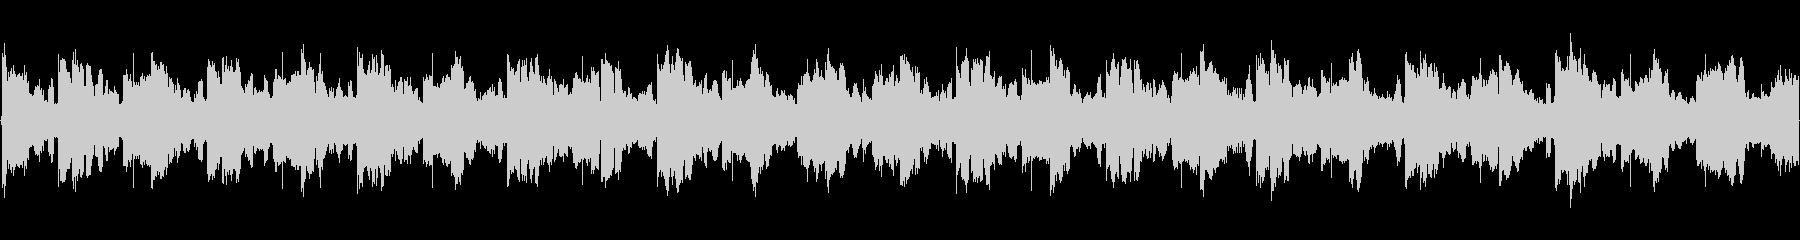 様々なシーンを想定した約30秒の曲です。の未再生の波形